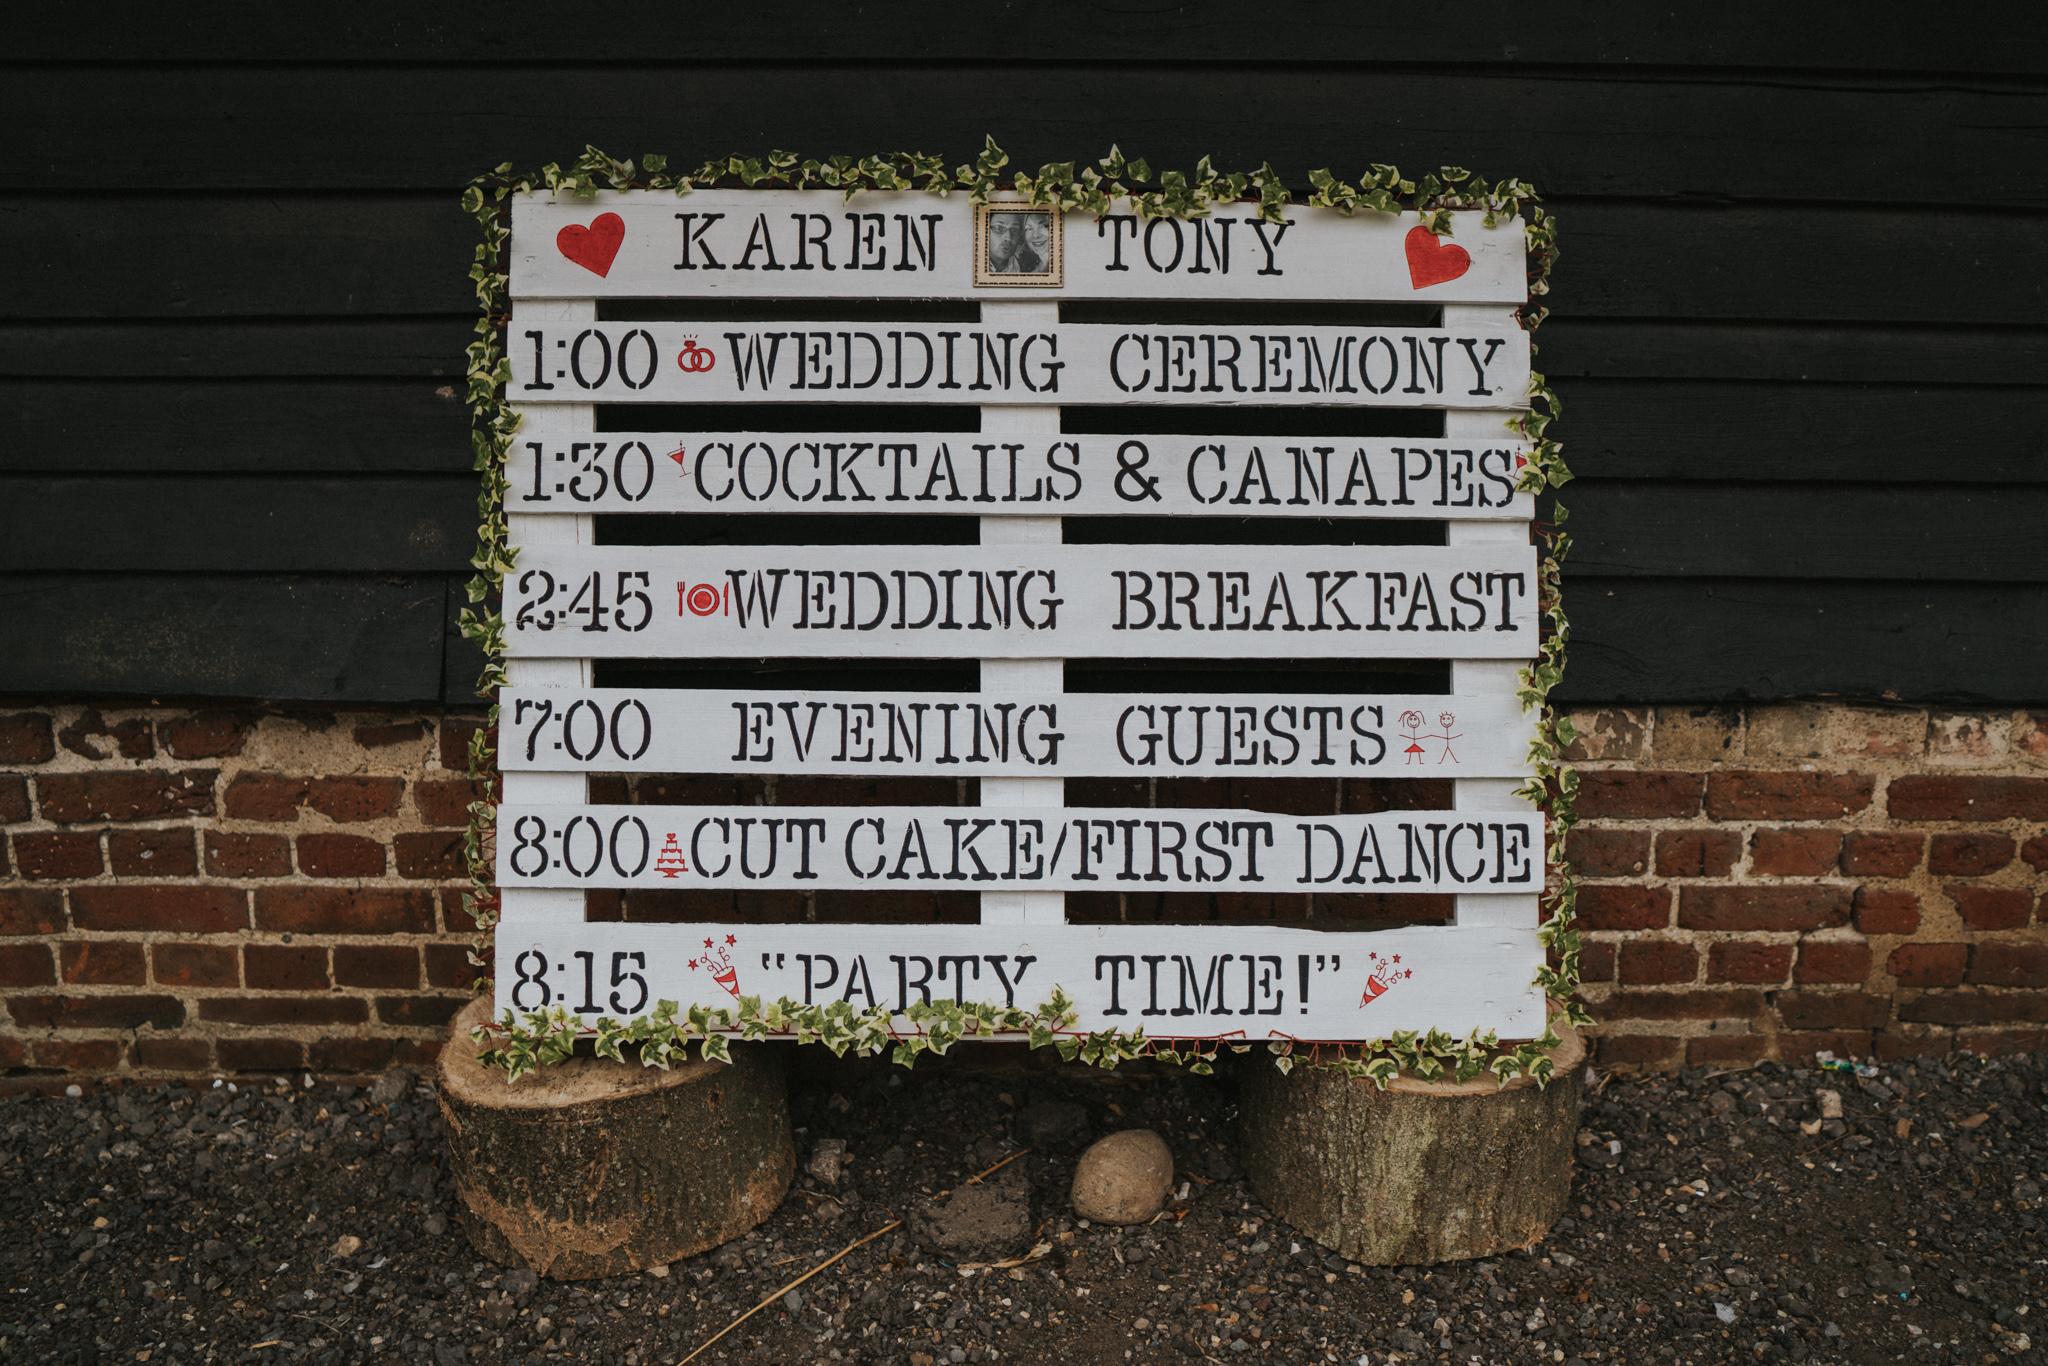 karen-tony-blackthorpe-barn-diy-wedding-grace-elizabeth-colchester-essex-alternative-wedding-lifestyle-photographer-essex-suffolk-norfolk-devon (6 of 35).jpg